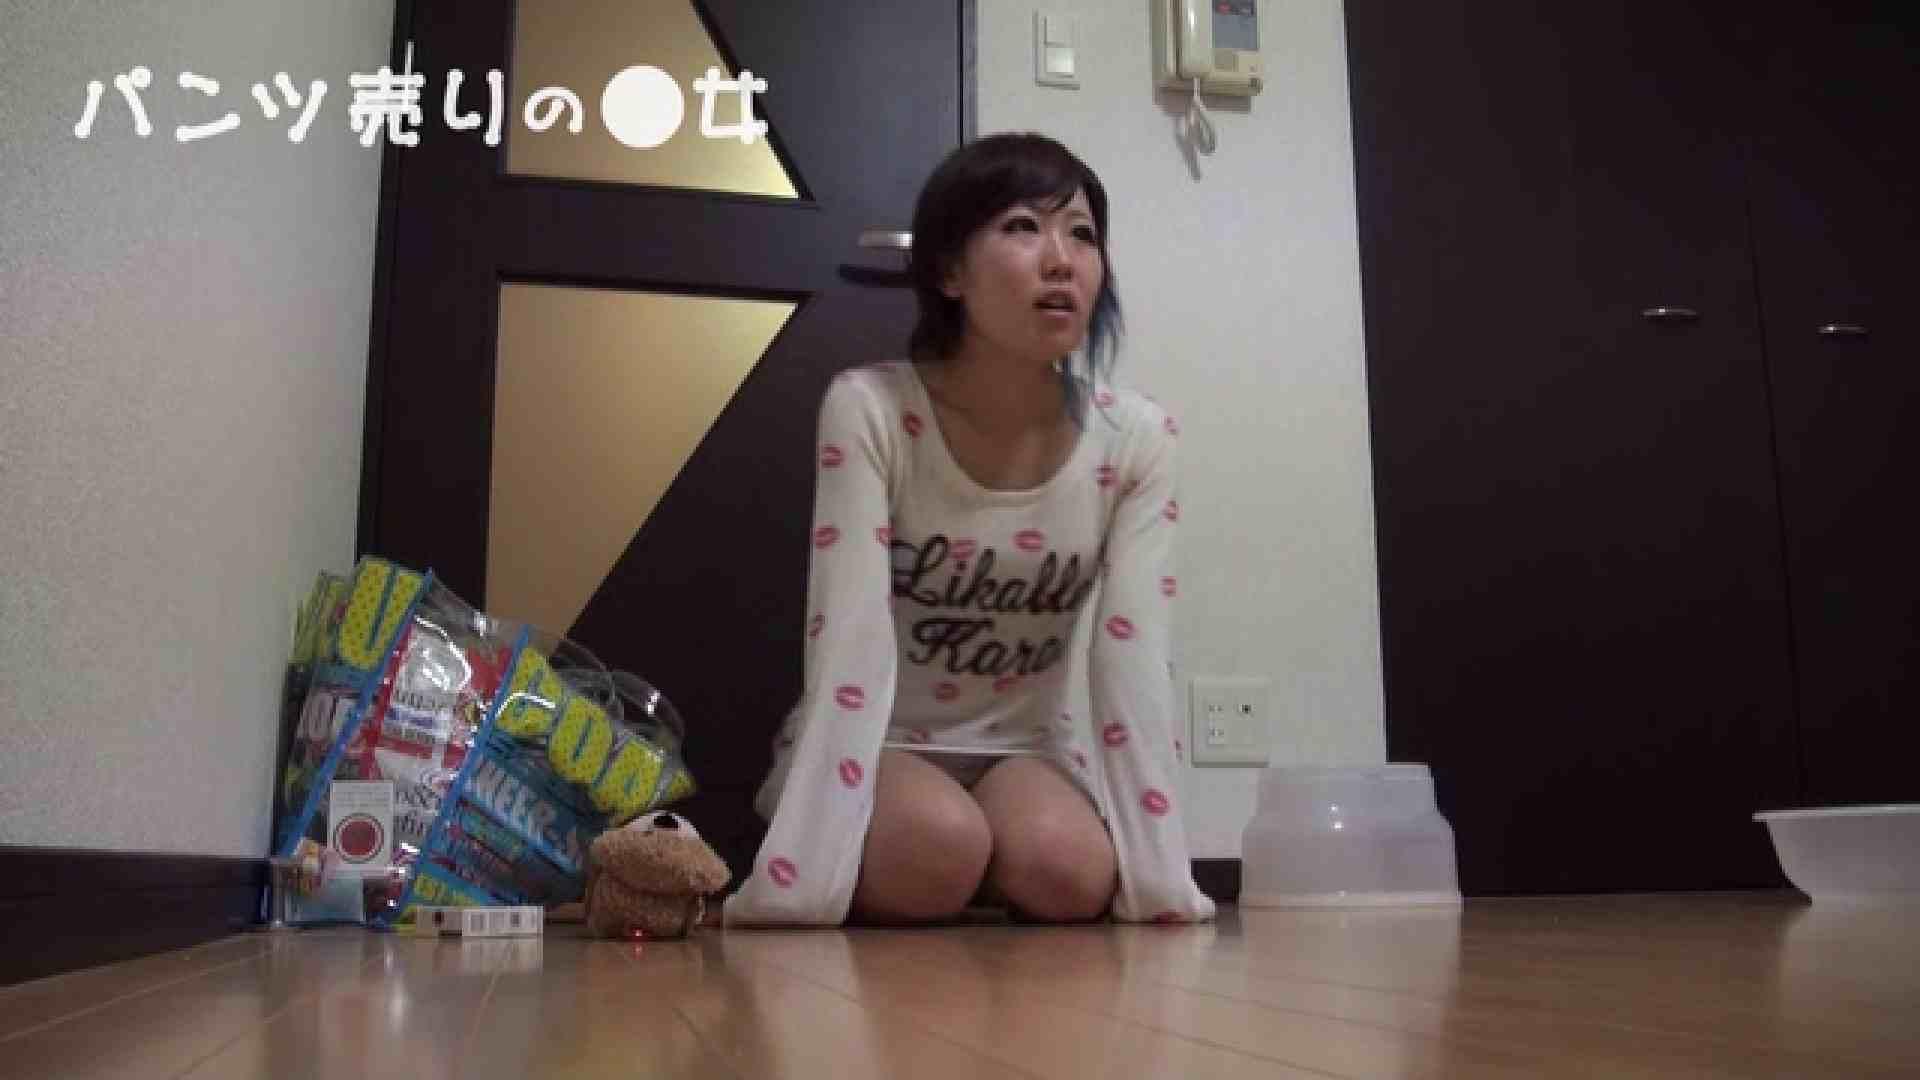 新説 パンツ売りの女の子nana 一般投稿  48pic 10